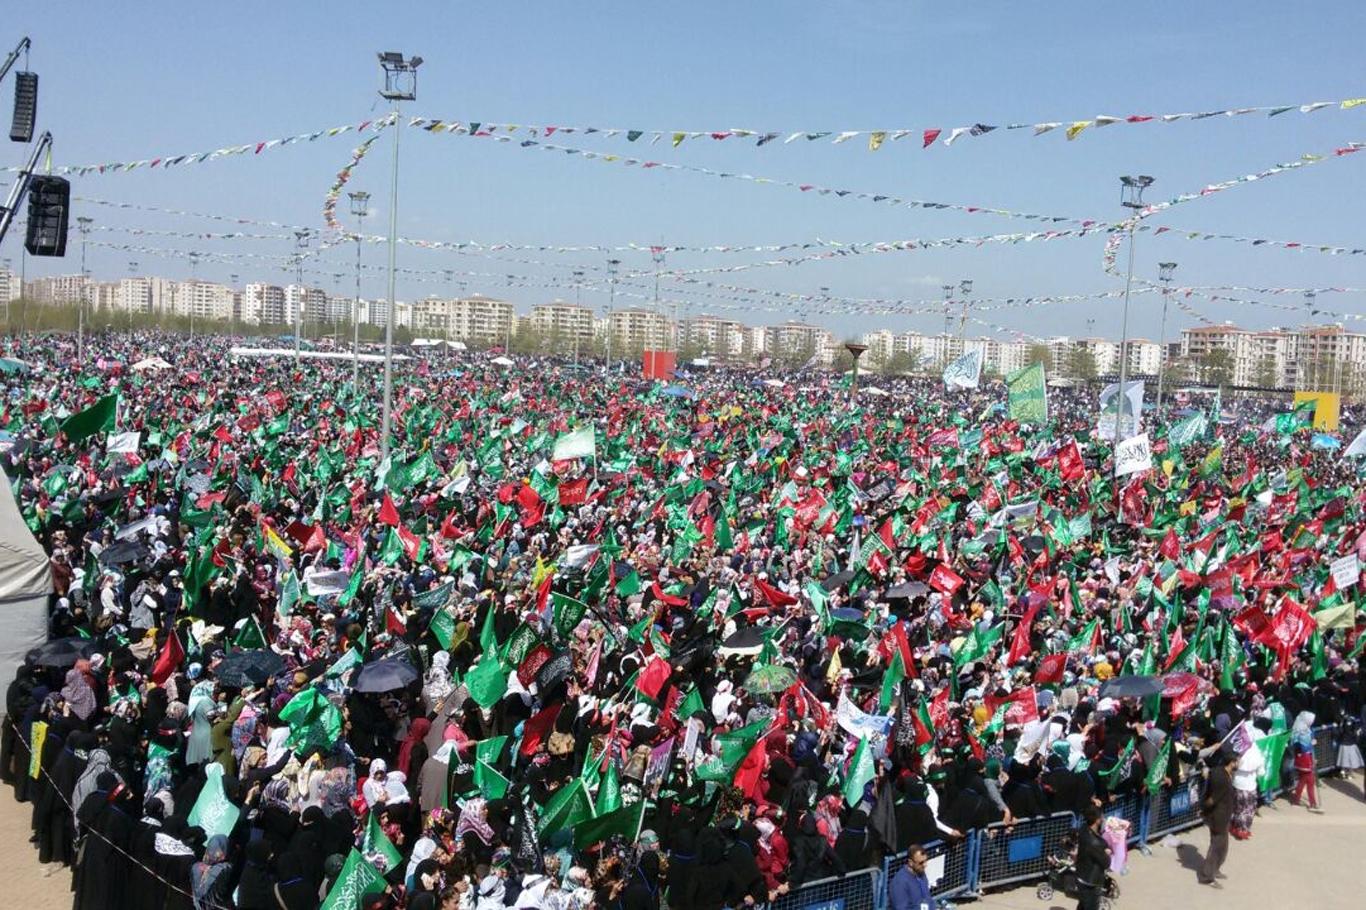 Diyarbakır'da her şey yasak, Hizbullah mitingi serbest!